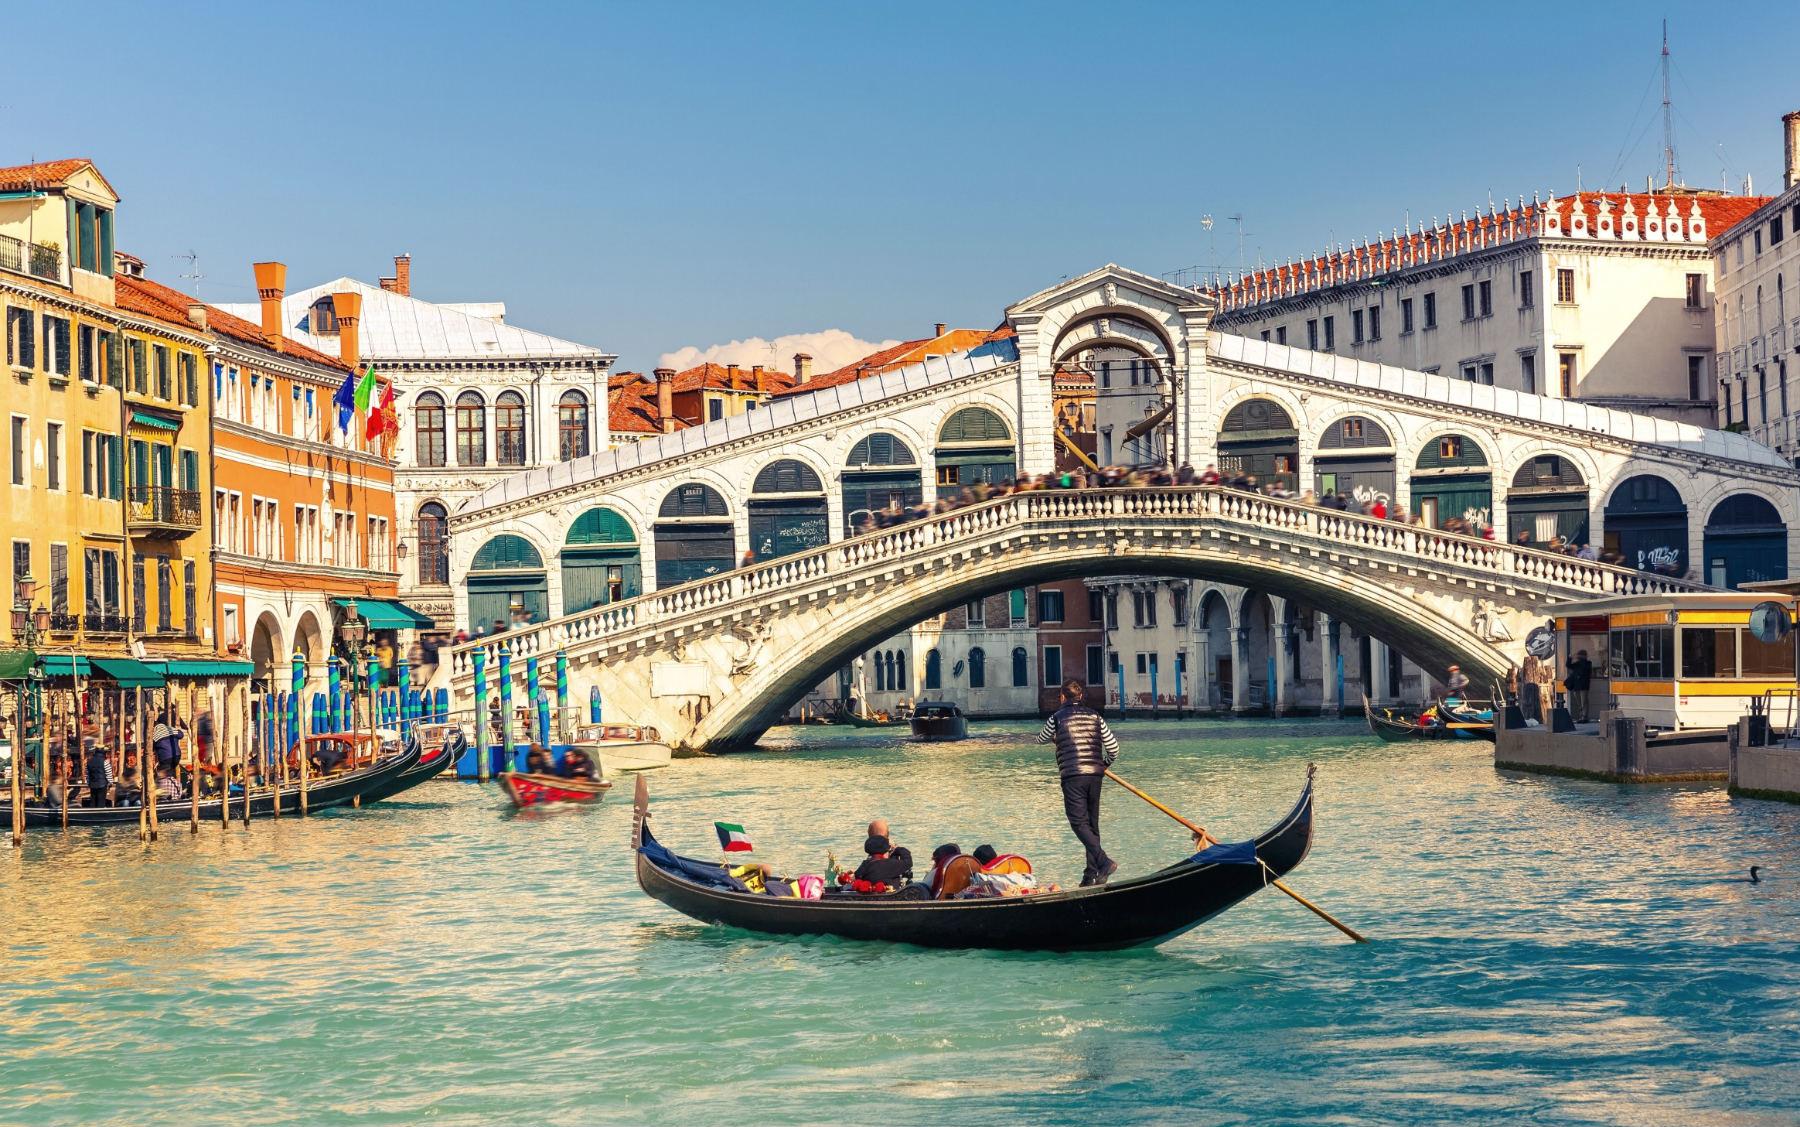 Ingresso A PAGAMENTO a VENEZIA per i turisti